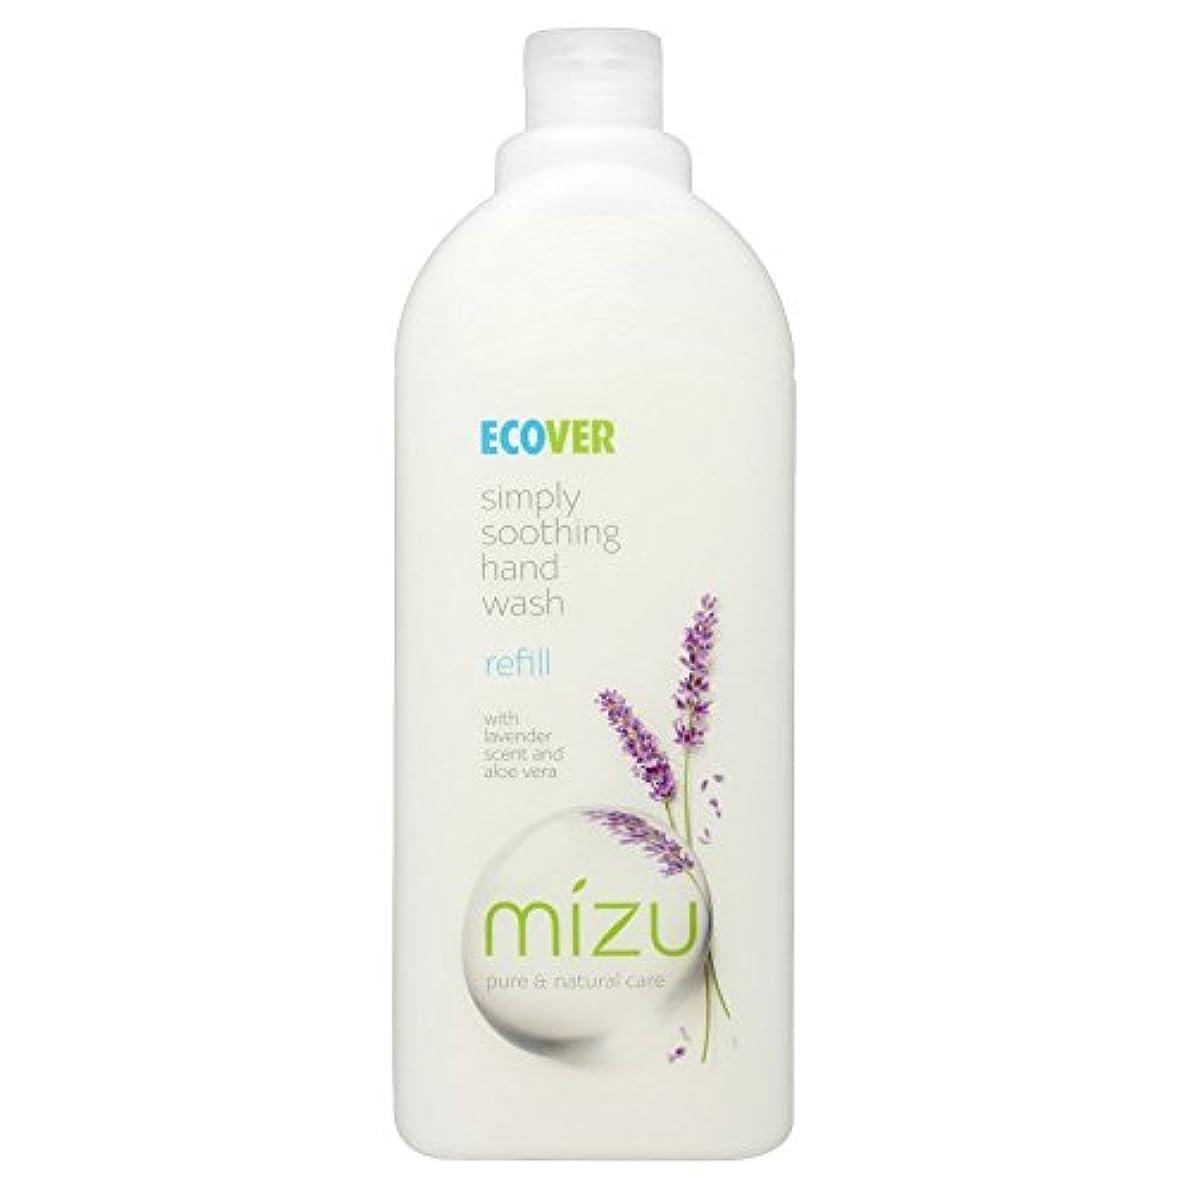 オーストラリア強います本質的ではないEcover Liquid Hand Soap Lavender & Aloe Vera Refill (1L) エコベール液体ハンドソープラベンダーとアロエベラリフィル??( 1リットル) [並行輸入品]